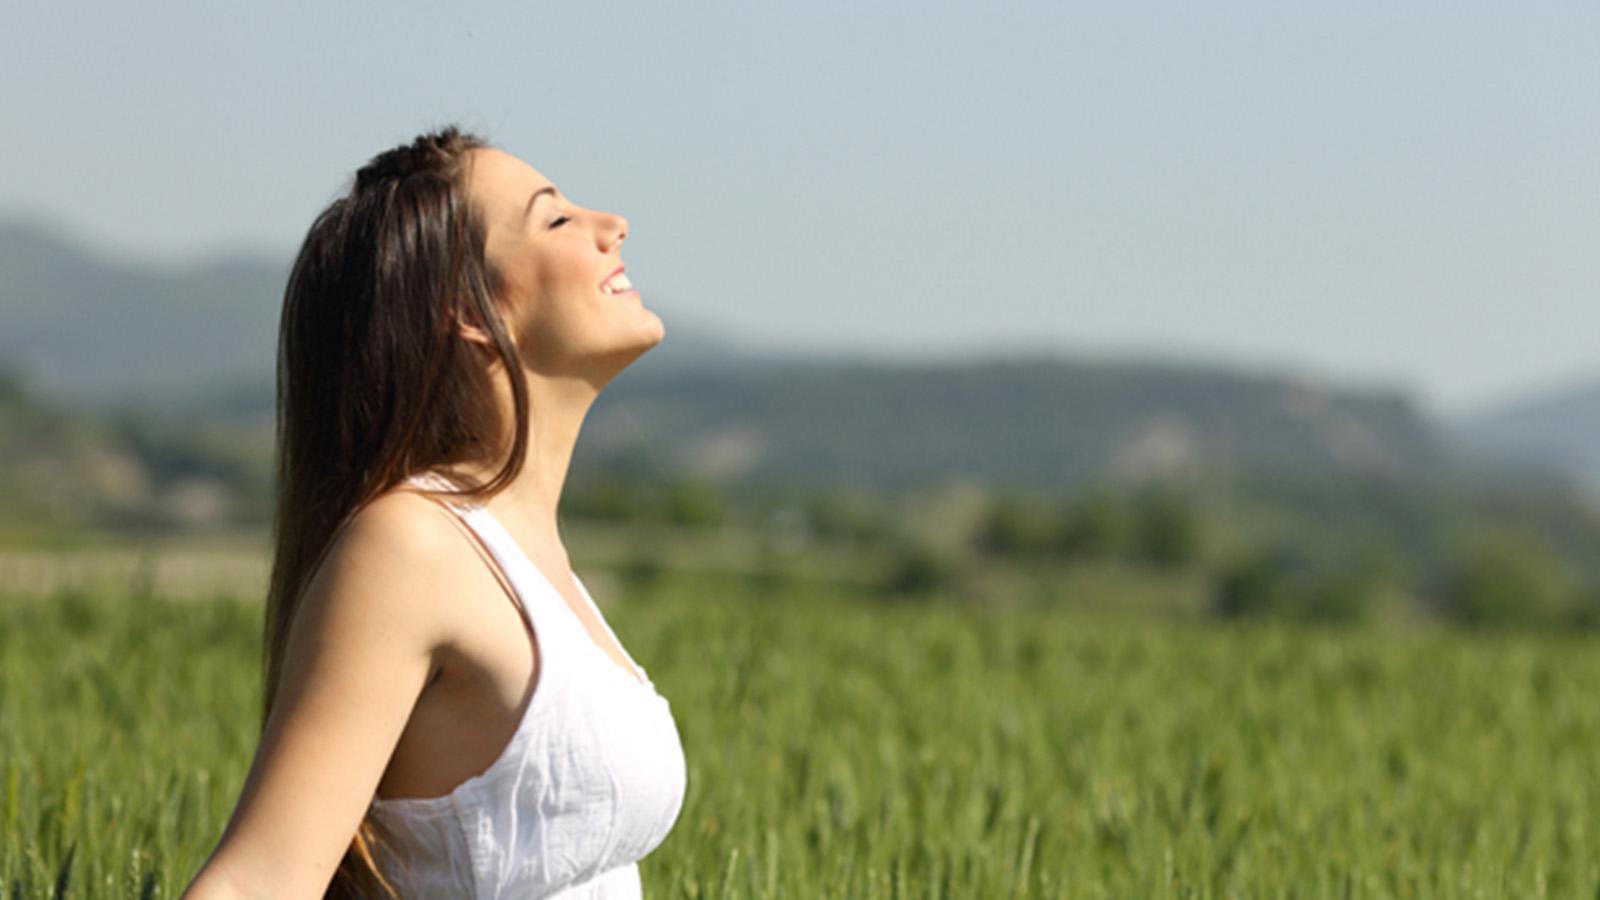 呼吸法ダイエットの効果とおすすめの方法厳選3選!中年男子も痩せられる注目ダイエット